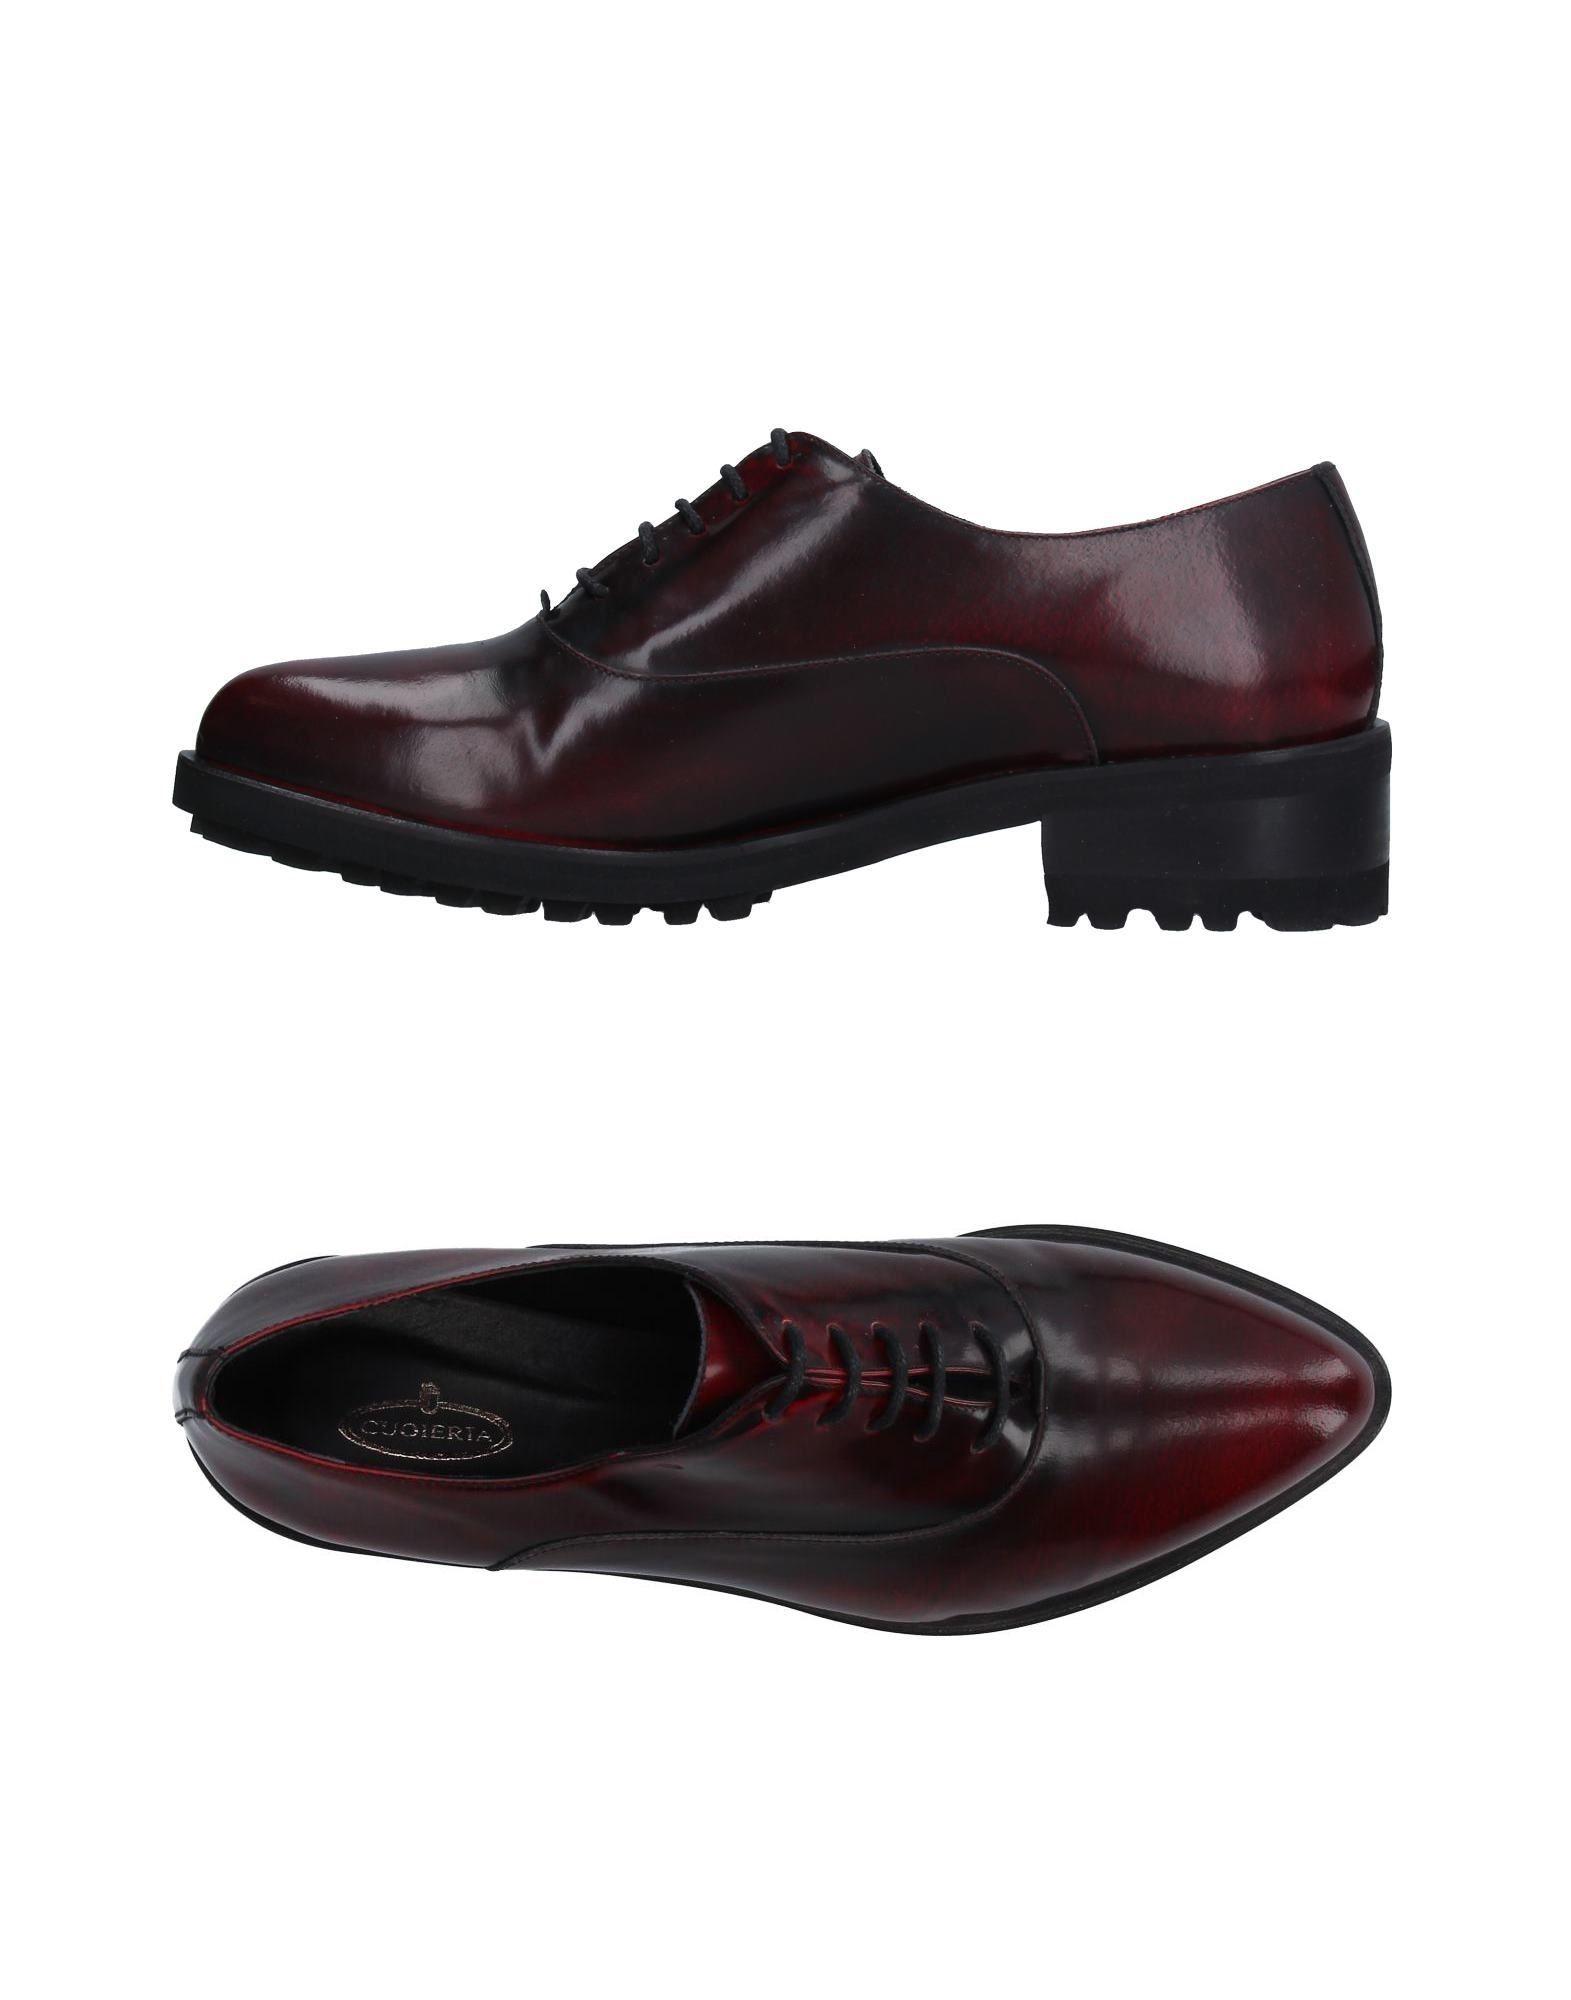 Chaussures À Lacets Cuoieria Femme - Chaussures À Lacets Cuoieria sur